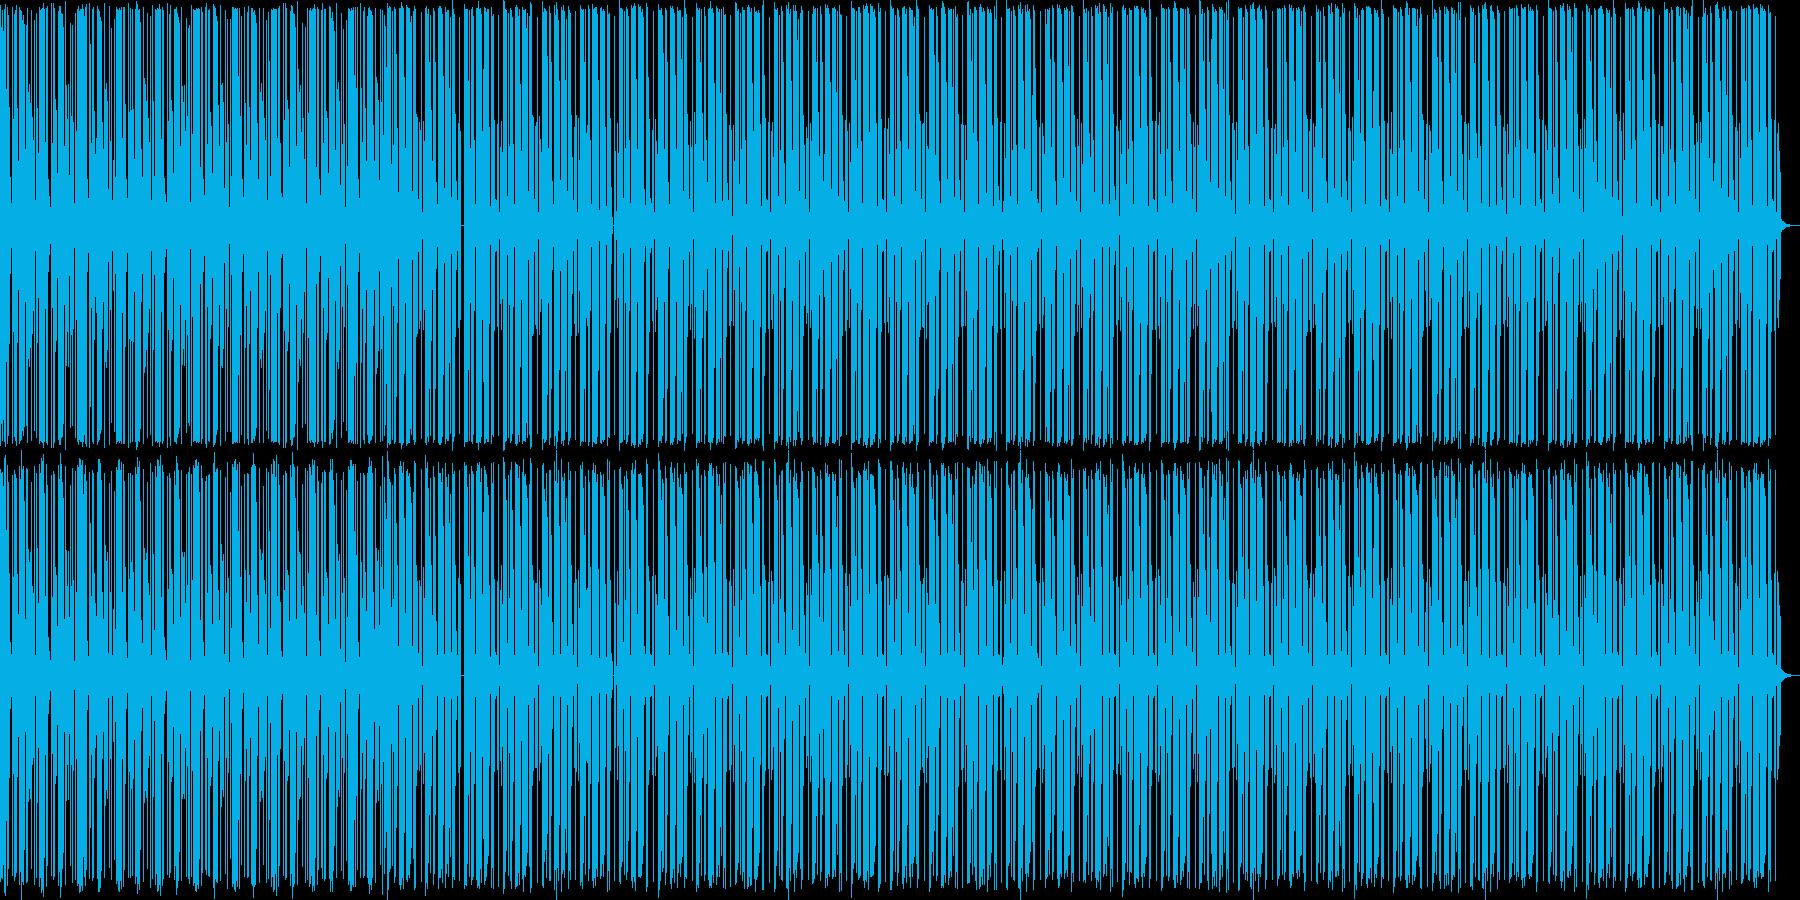 【ピアノ抜き】ピアノとドラム主体のテクノの再生済みの波形